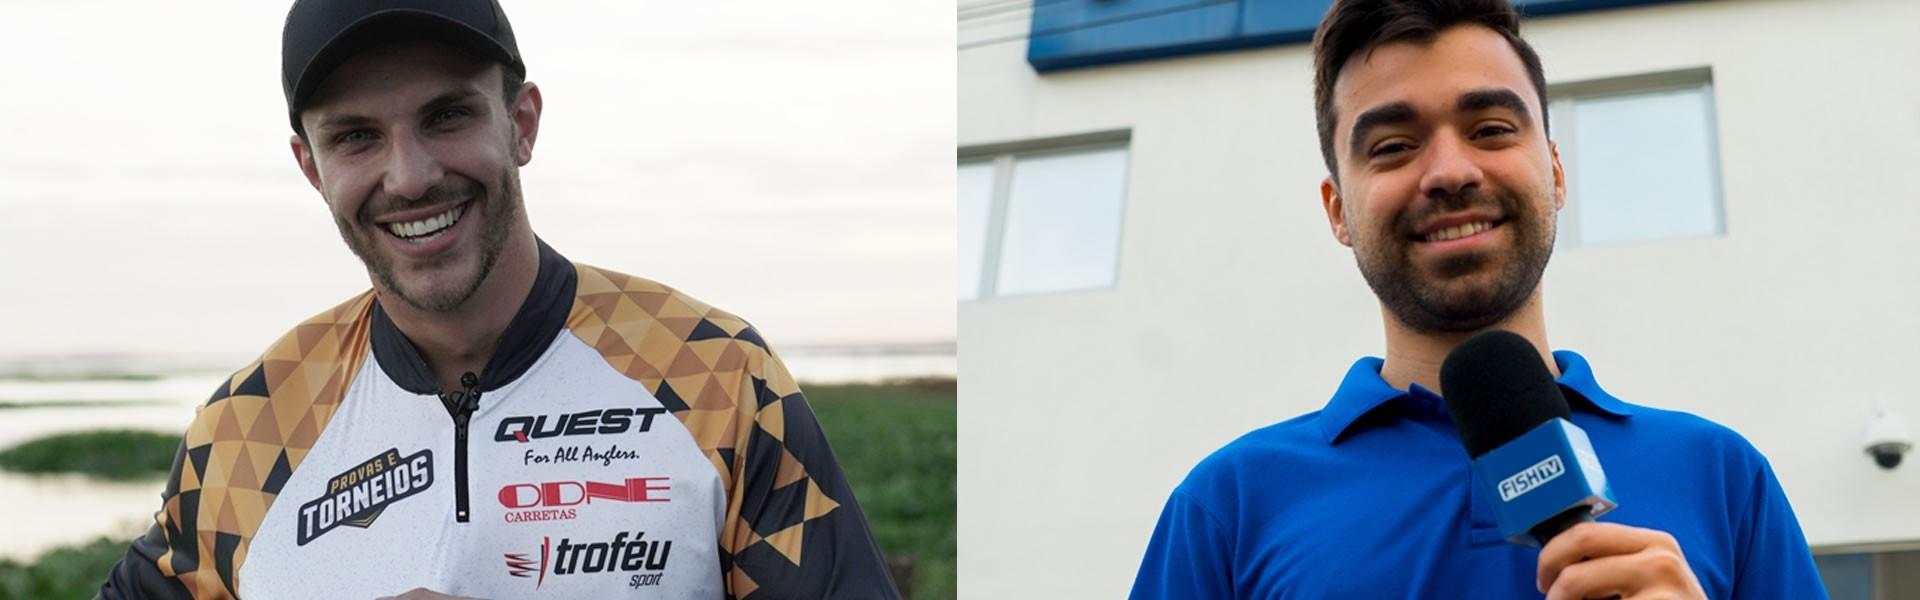 Alison Mota - Esquerda; Alexandre Gralak - Direita